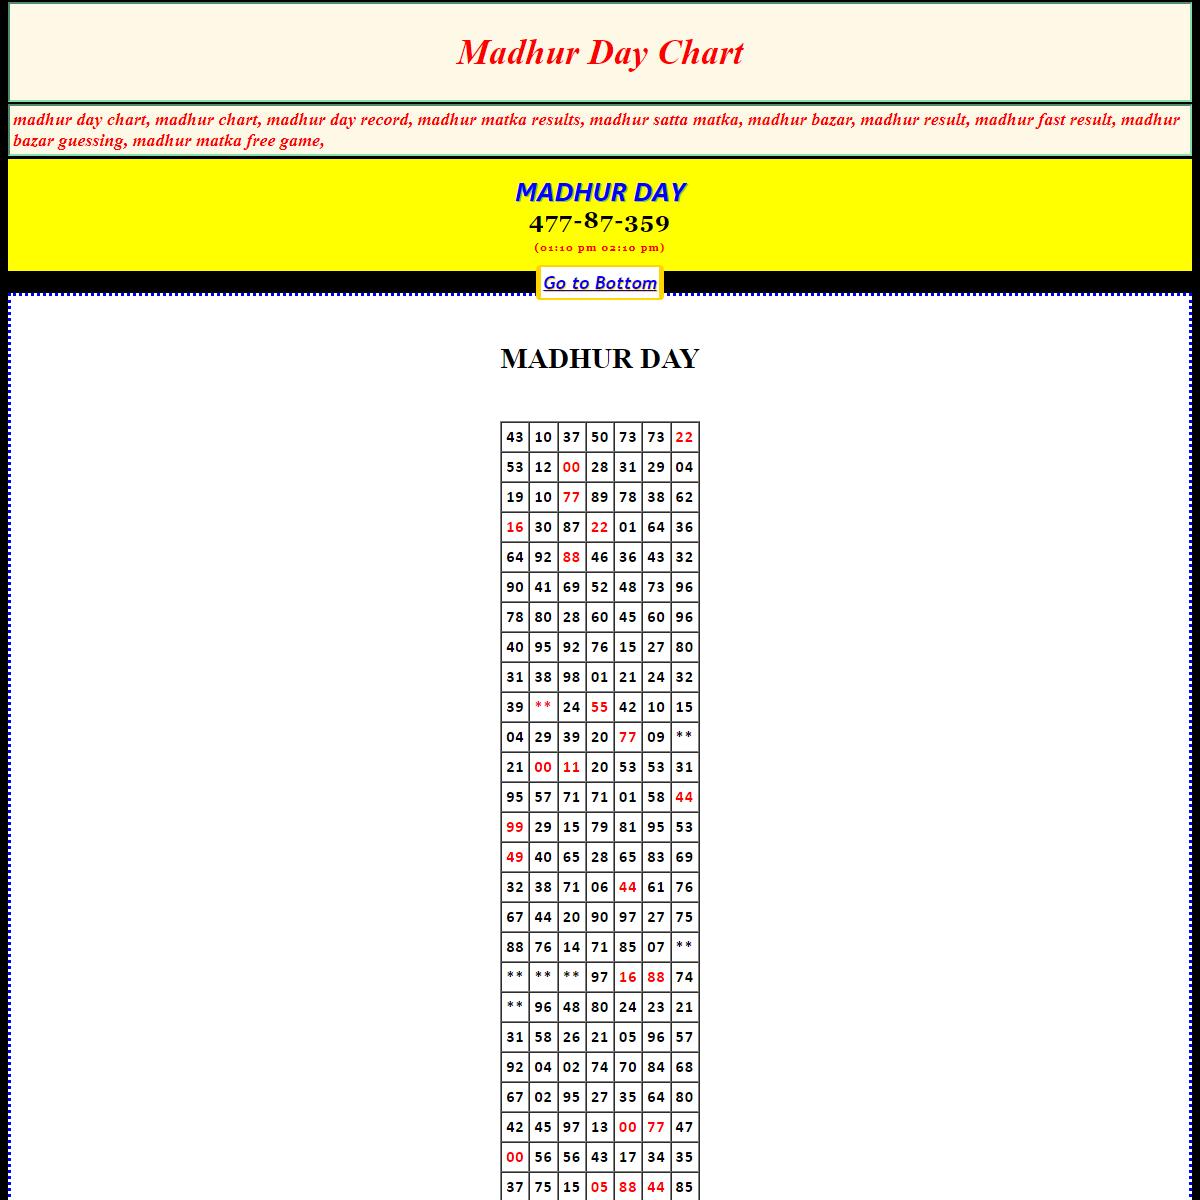 MADHUR DAY CHART- MADHUR DAY JODI CHART - MADHUR DAY RESULT - MADHUR MATKA